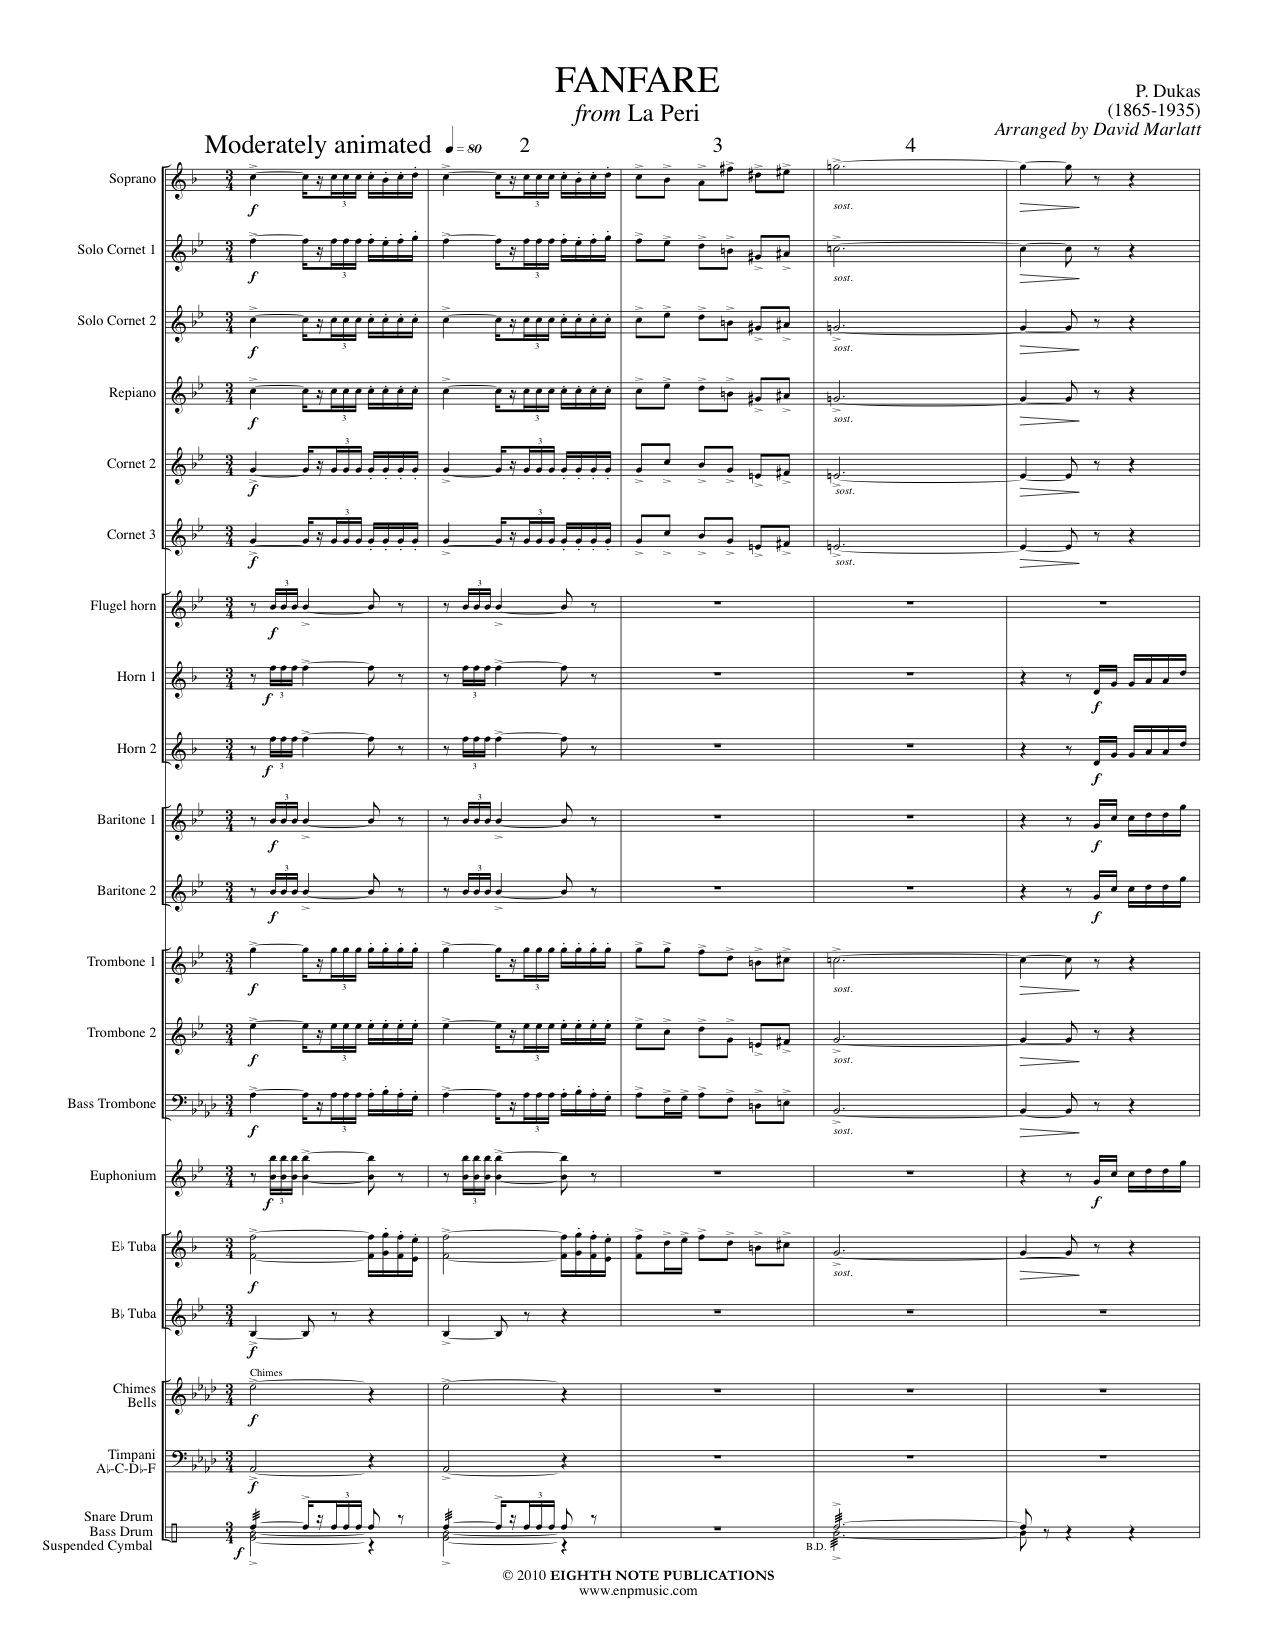 Fanfare from La Peri - Paul Dukas